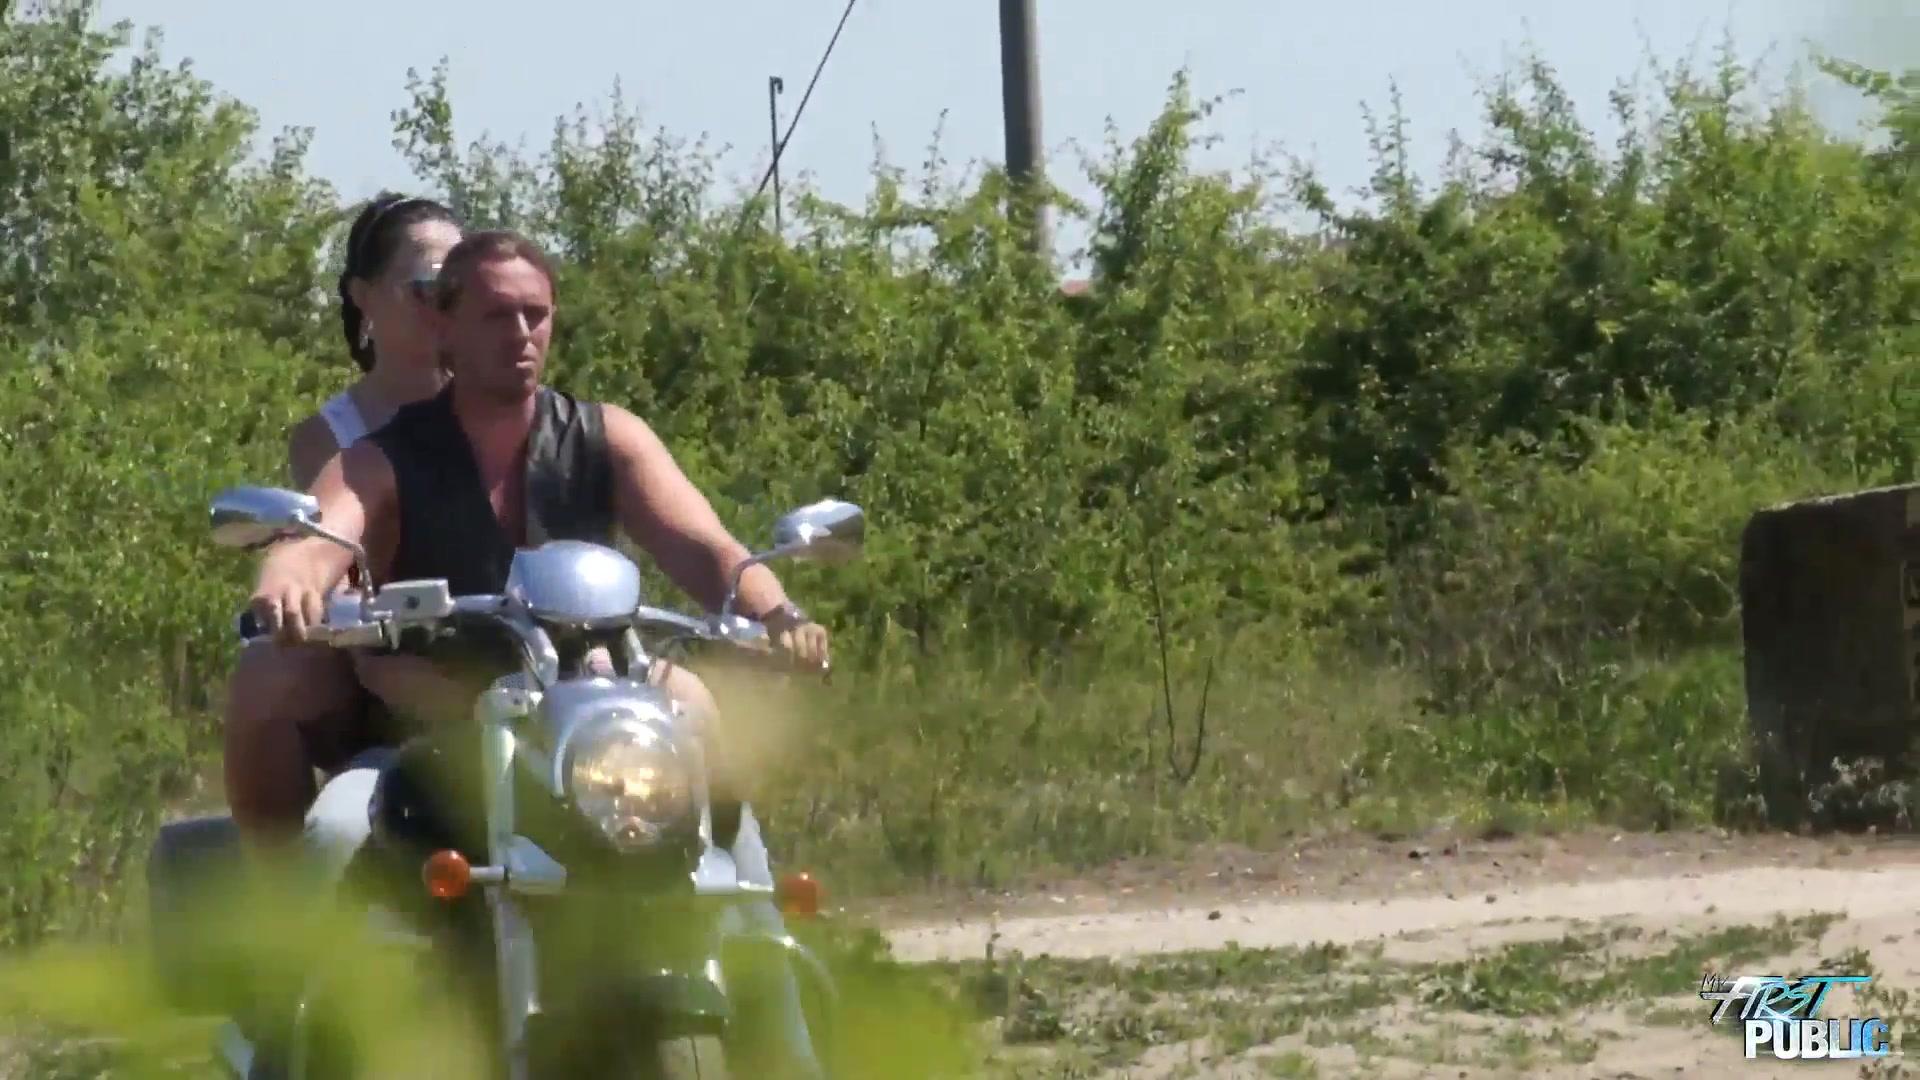 Michaela Fucks Over A Motorcycle Outside